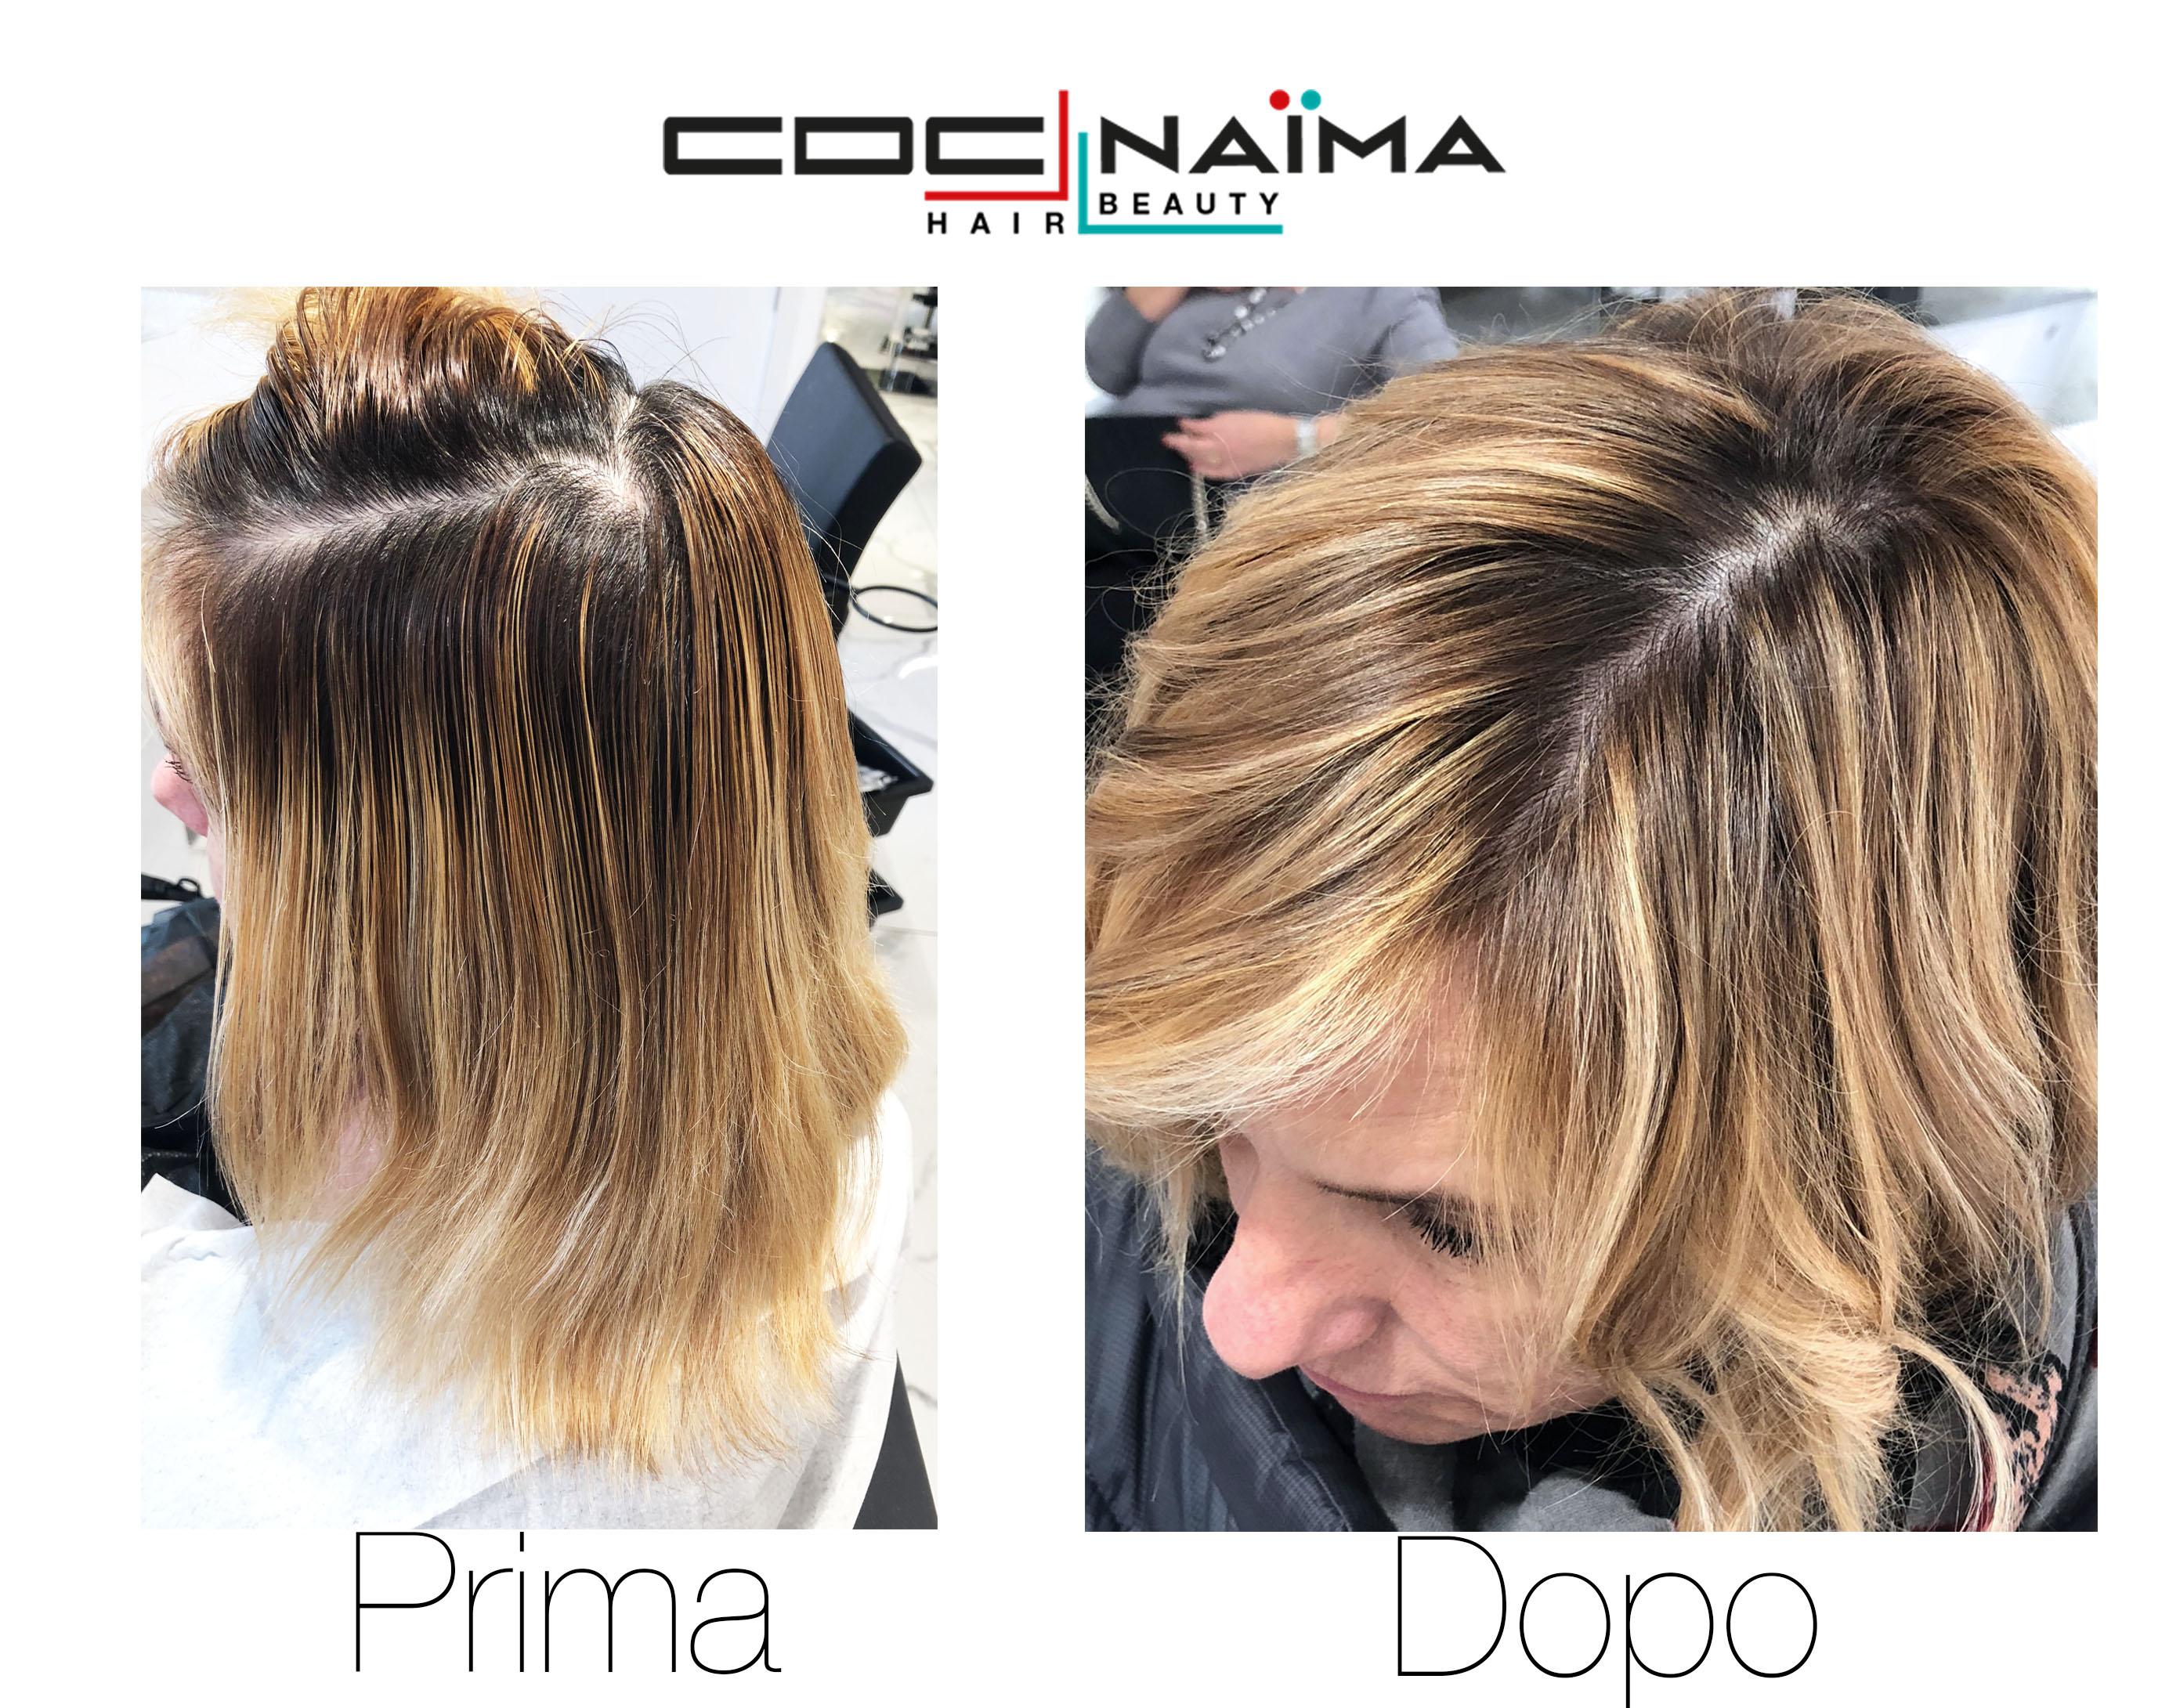 Con il Degradé Conseil il colore viene posizionato sui capelli in modo  verticale 6e918c5b65f1